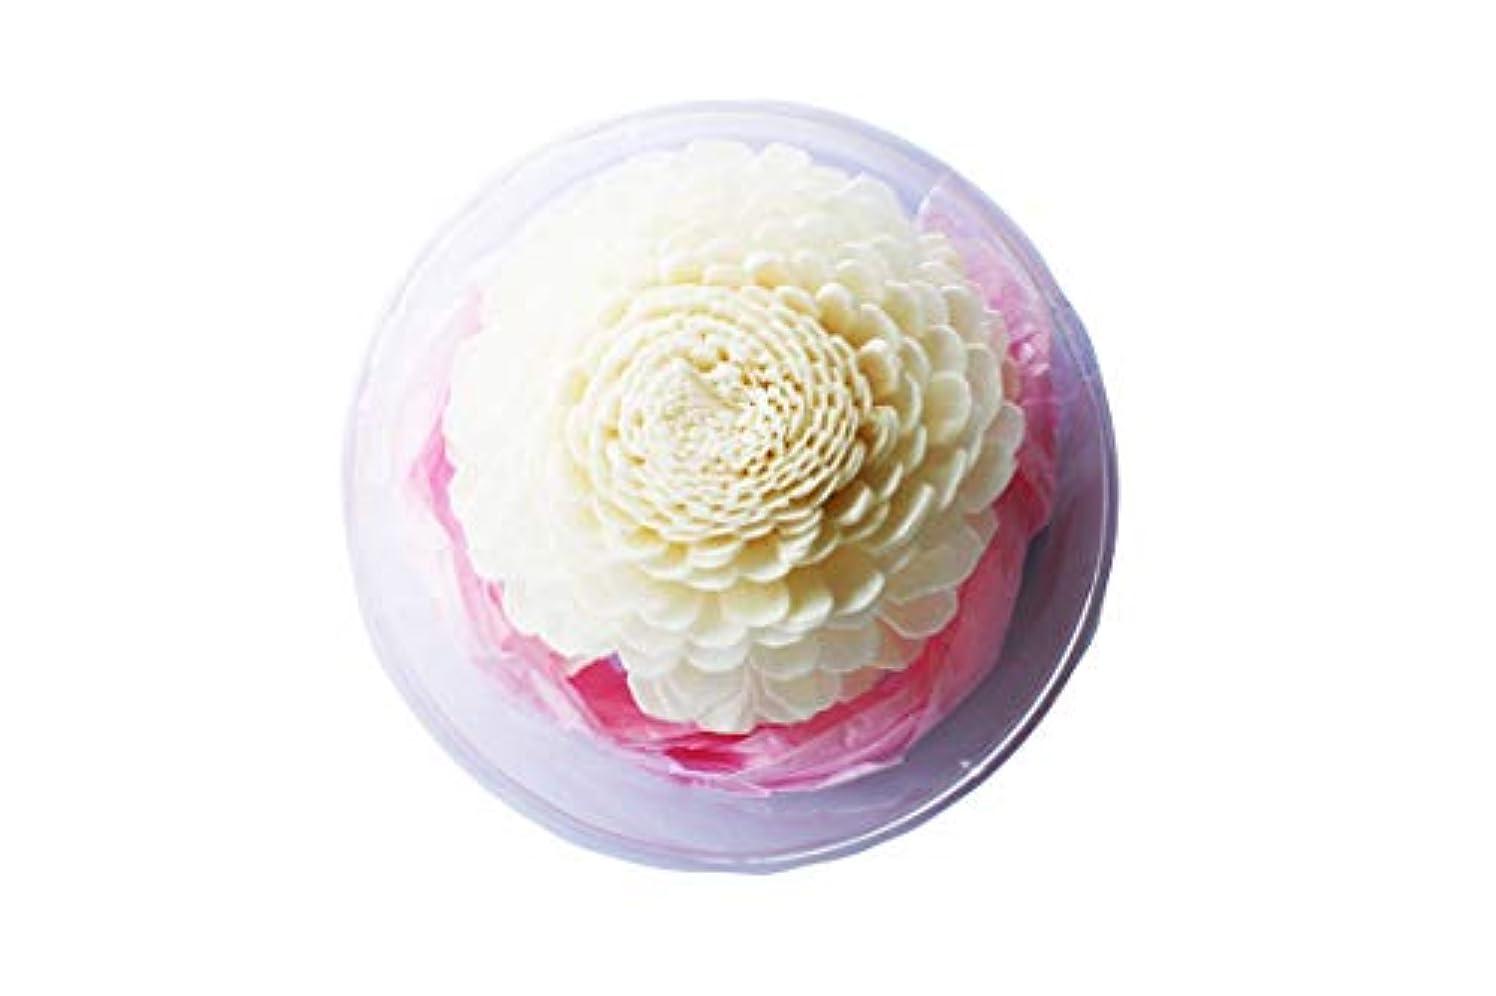 改善敬意を表して行くMAYA フラワーディフューザー ソラフラワー スイートジャスミン (8cm) |Aroma Flower Diffuser Sola Flower - Sweet Jasmine